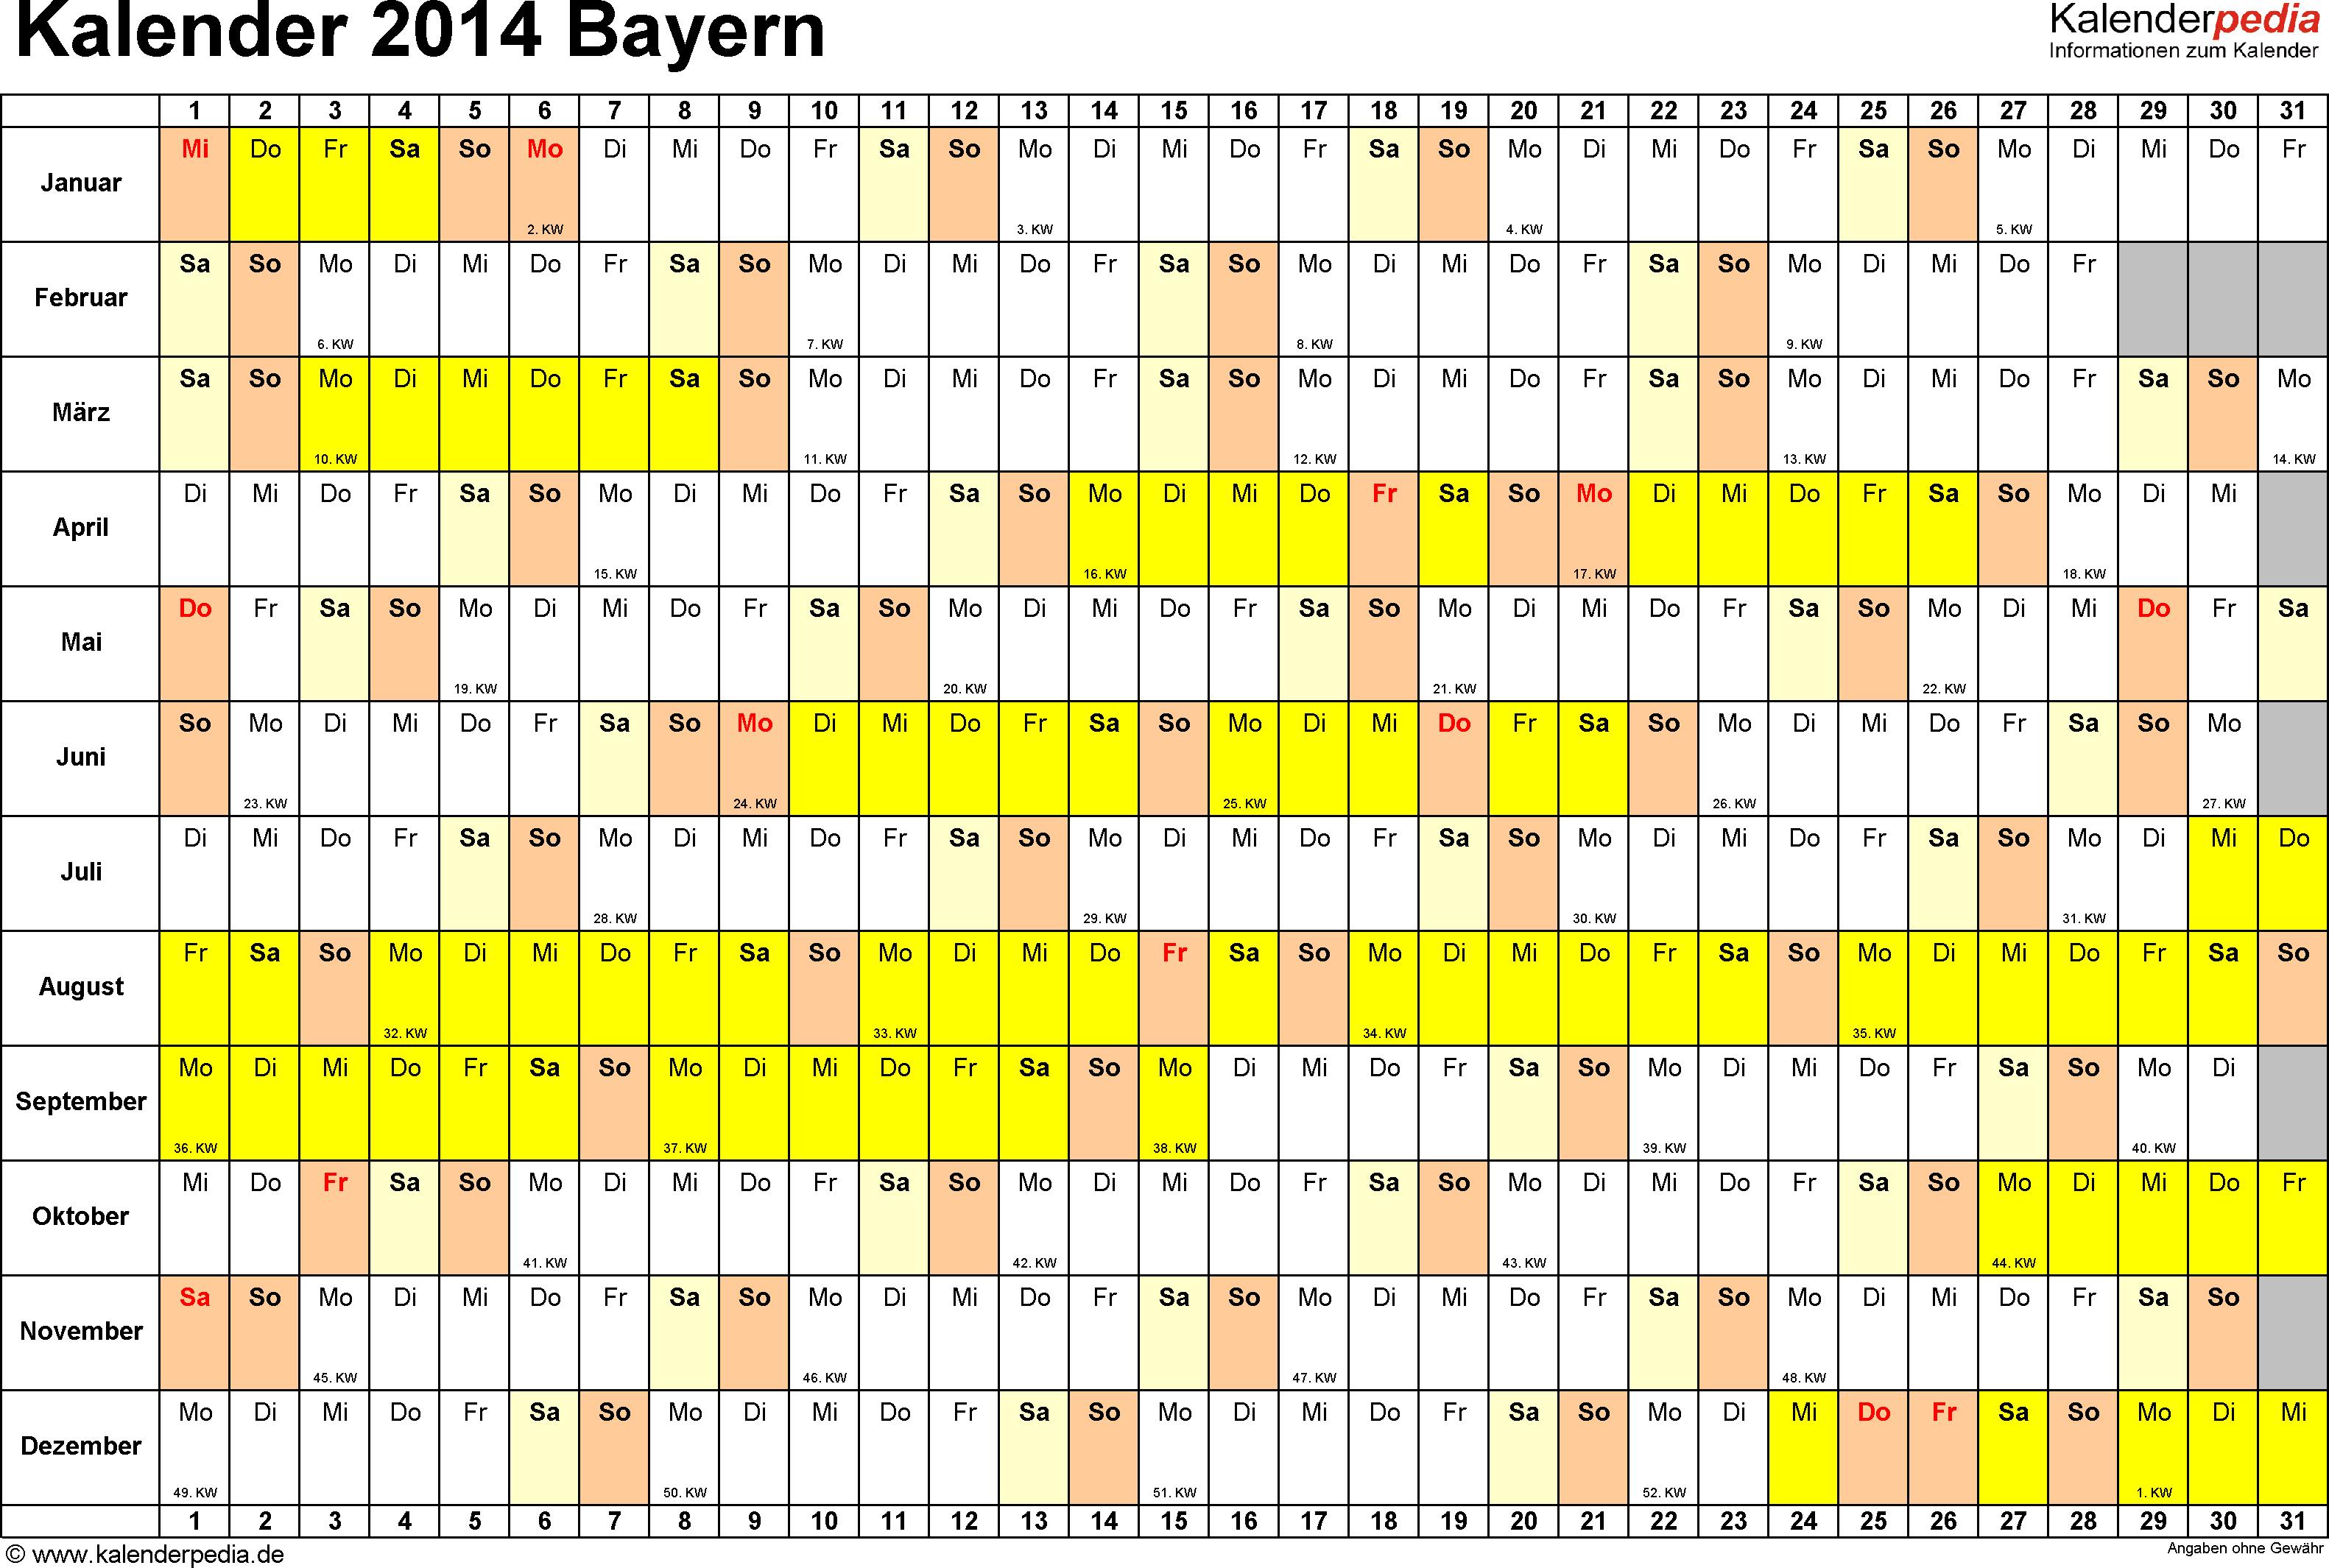 Vorlage 3: Kalender Bayern 2014 im Querformat, Tage nebeneinander